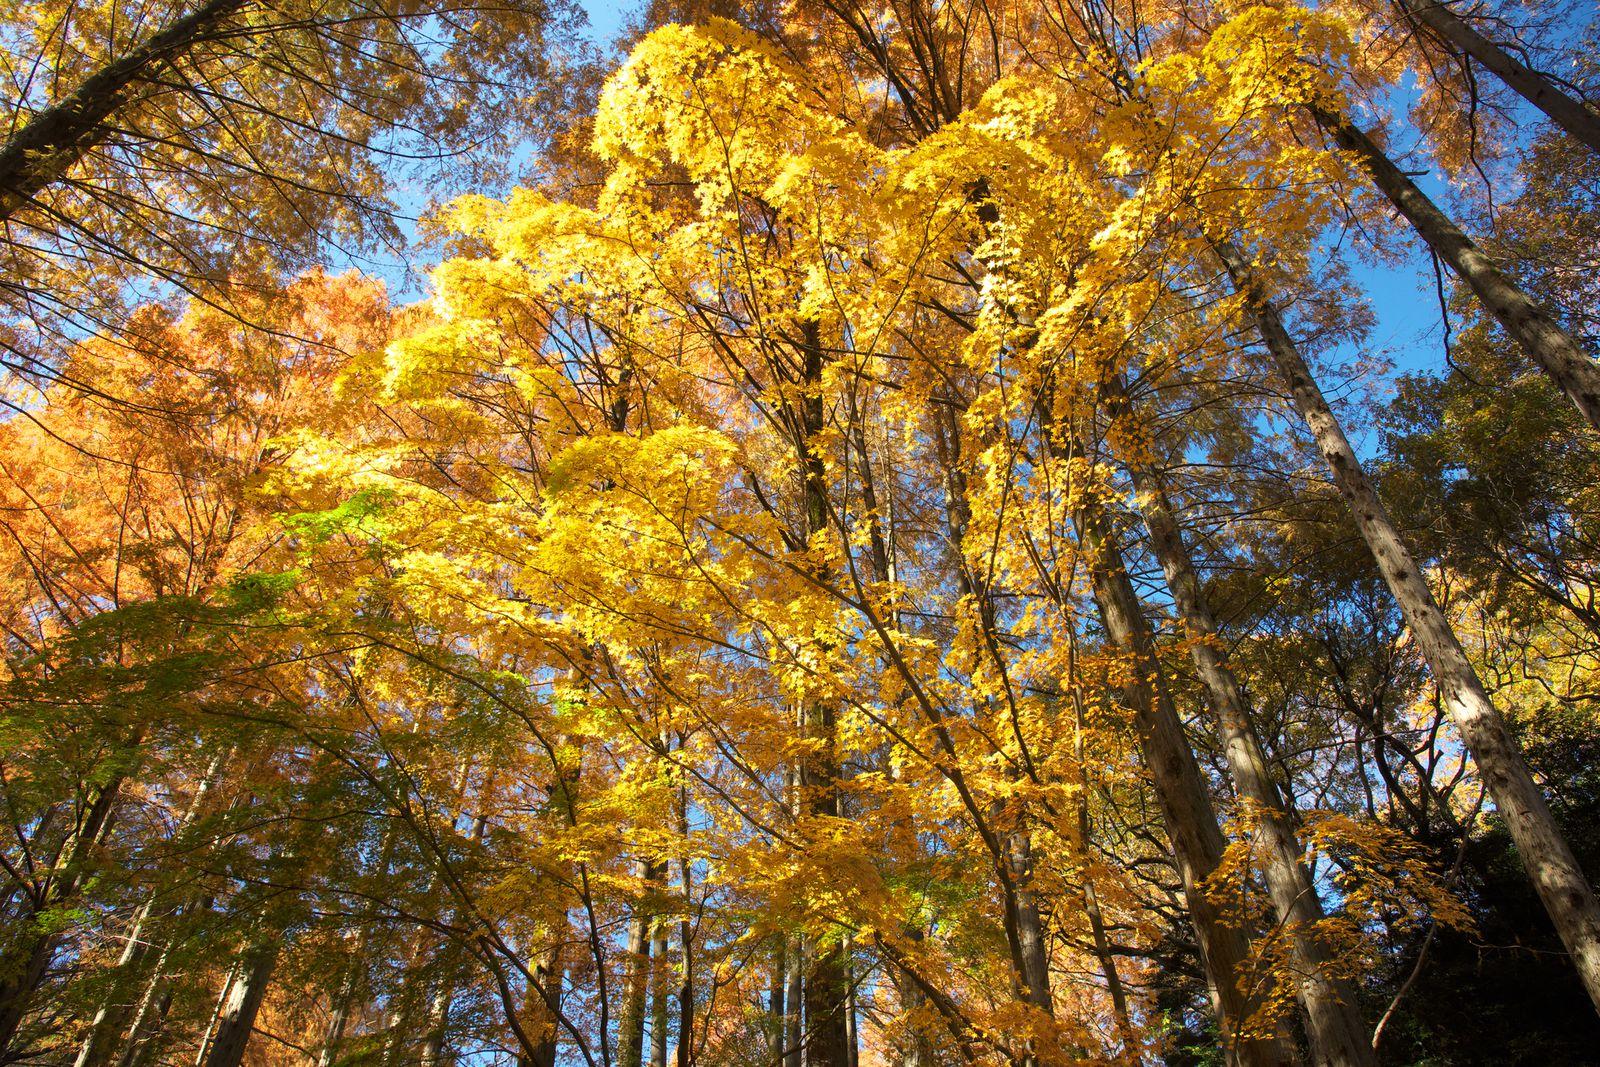 都心からたったの30分!秋の紅葉が美しい都会のオアシス「生田 ...